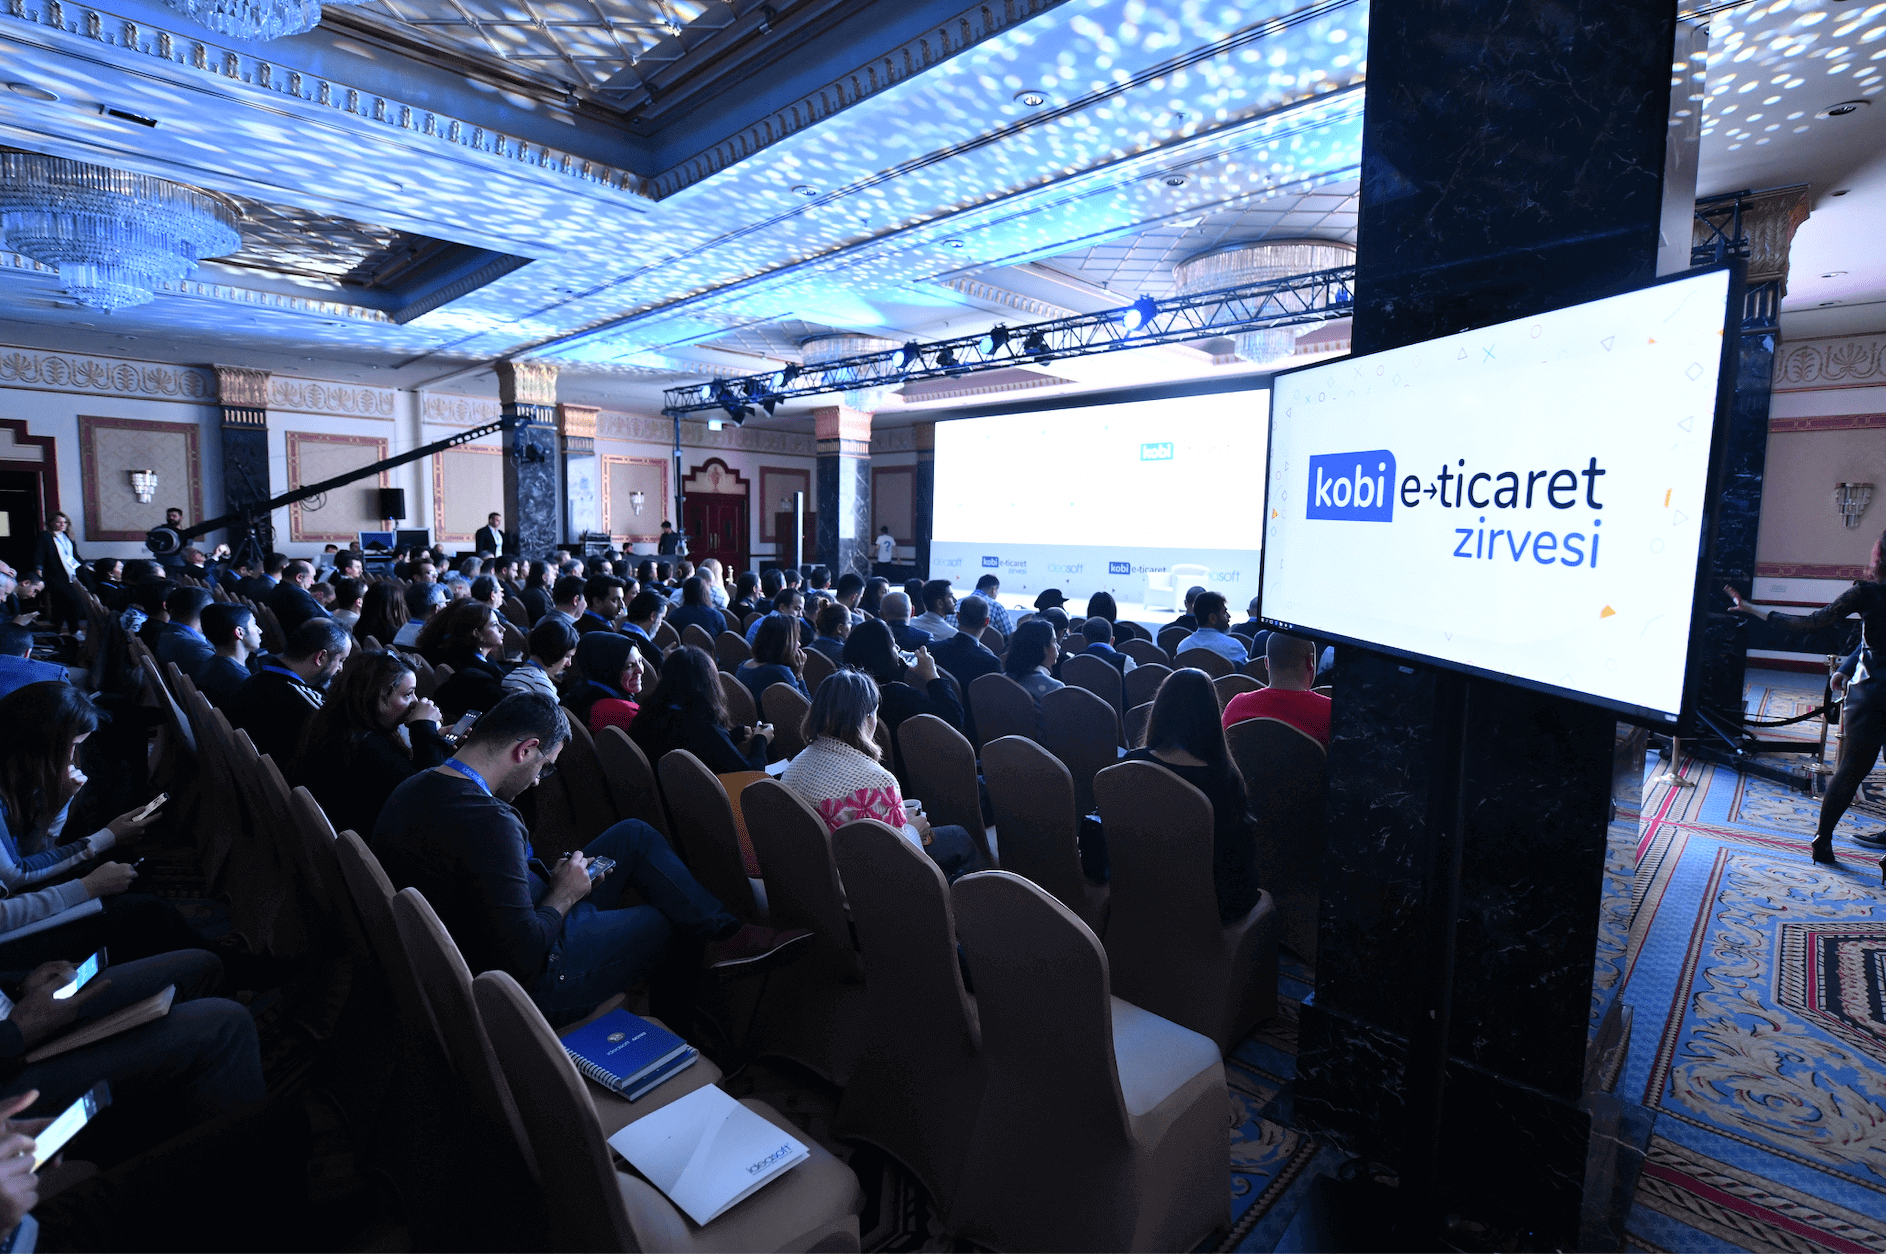 Kobi E-ticaret Zirvesi İkinci Kez Sektörü Ağırladı